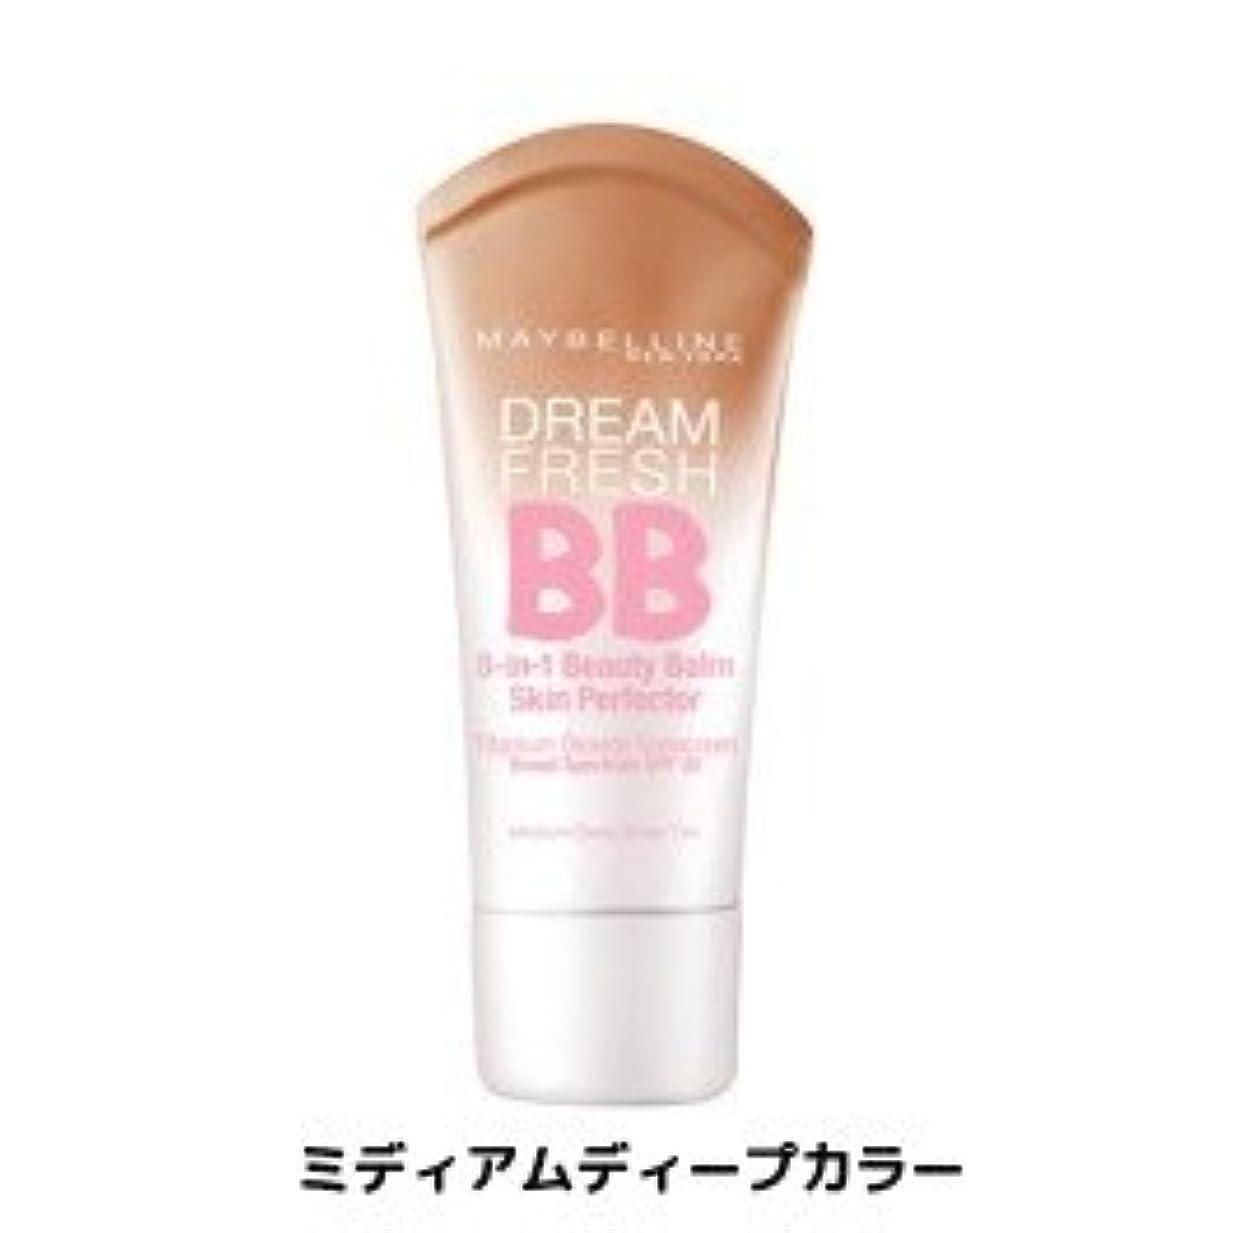 炎上十代の若者たち招待メイベリン BBクリーム  SPF 30*Maybelline Dream Fresh BB Cream 30ml【平行輸入品】 (ミディアムディープカラー)